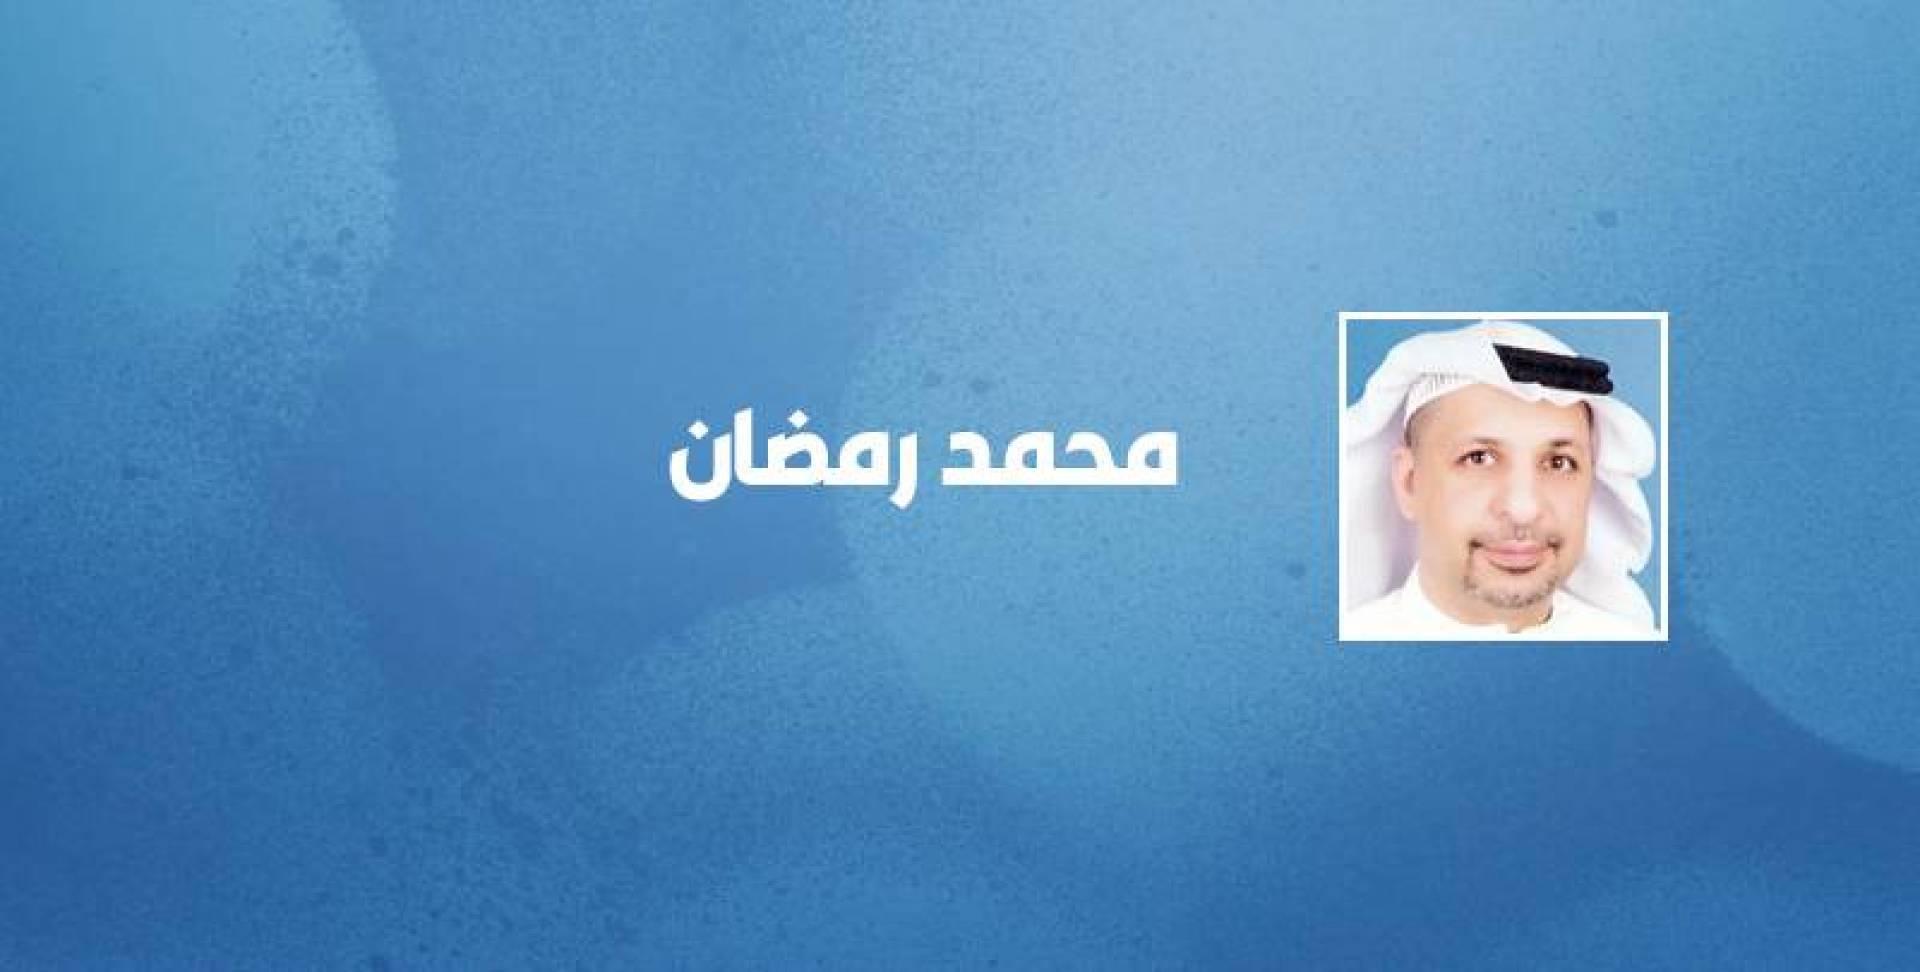 %72 من الأسر الكويتية ليست بحاجة للرعاية السكنية